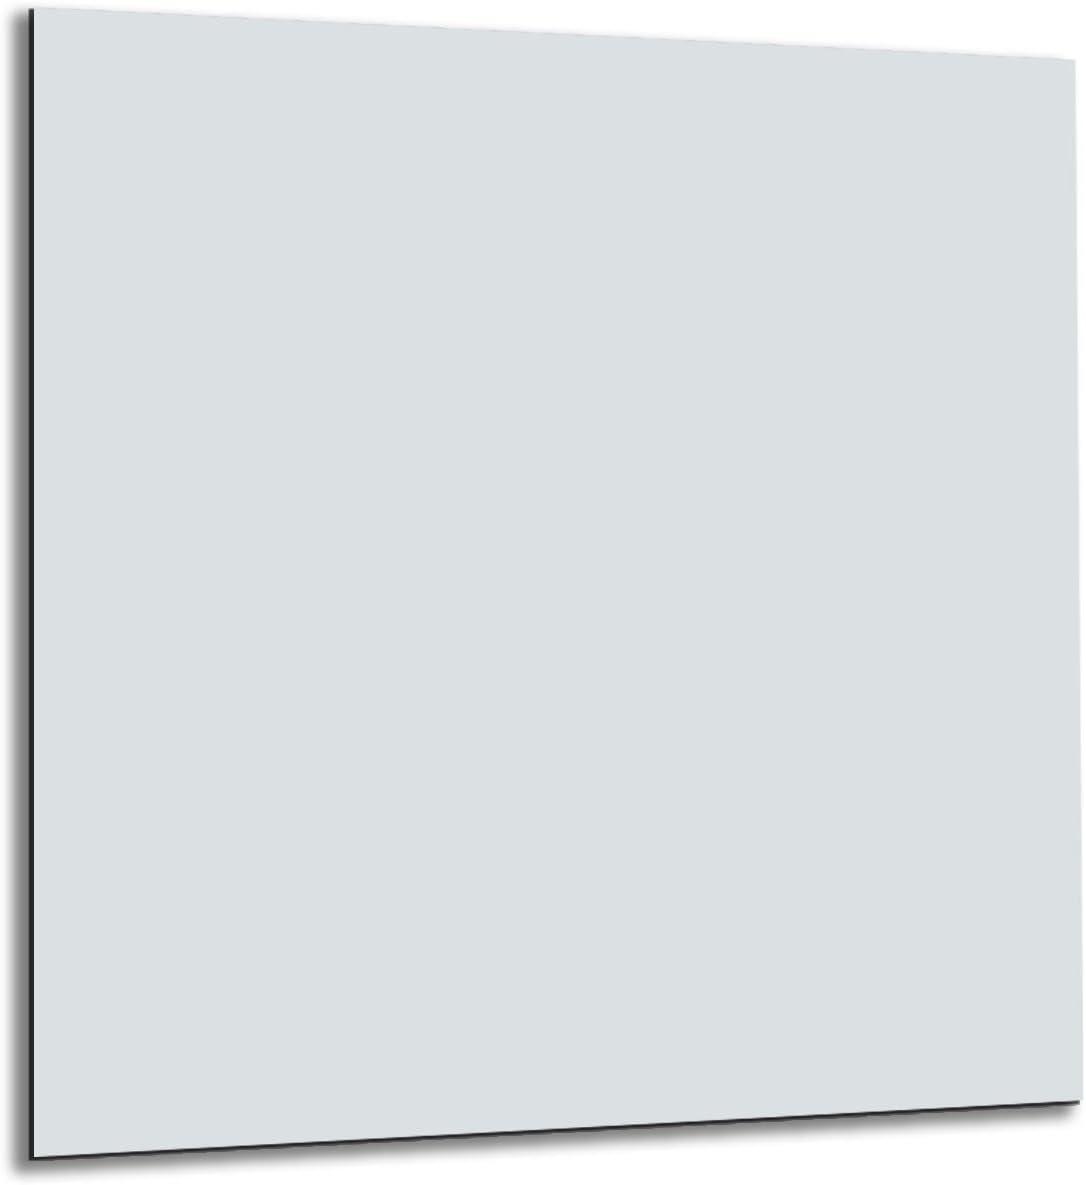 Pannello para-schizzi in vetro temperato resistente al calore per proteggere la parete dei fornelli in cucina 50 x 50 cm Azure Fmk-35-056